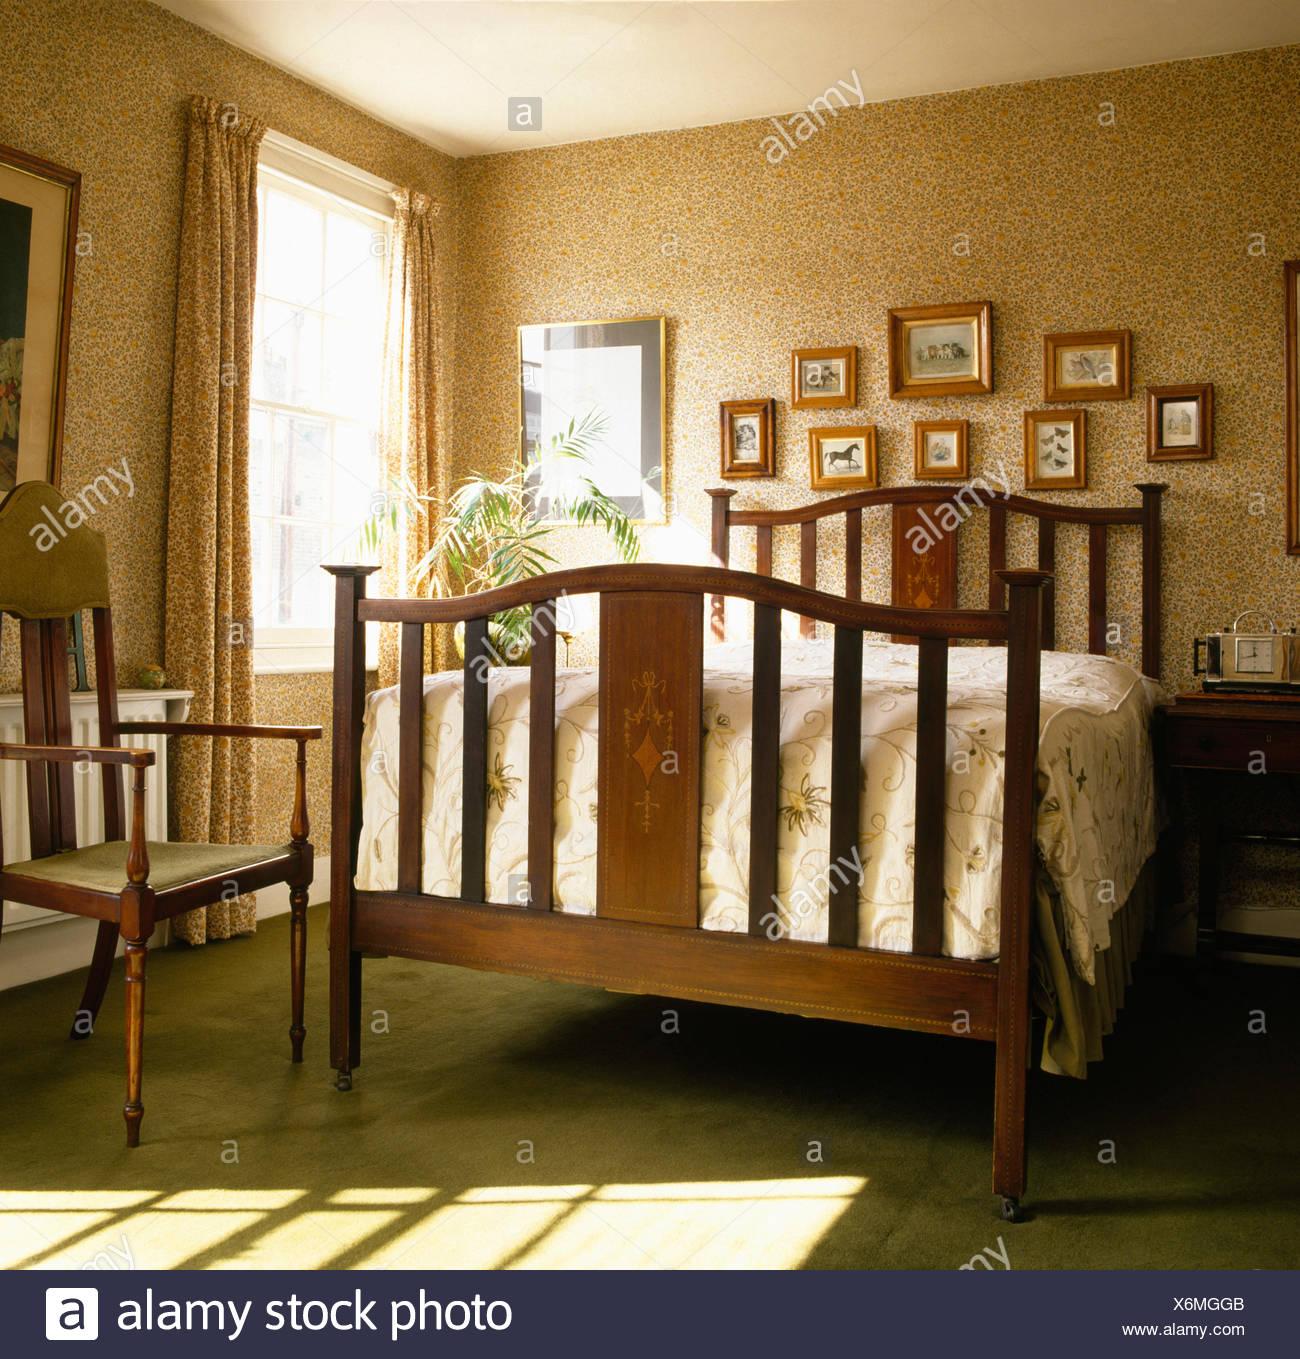 mustertapeten und einfachen holzbett in vierziger jahre stil